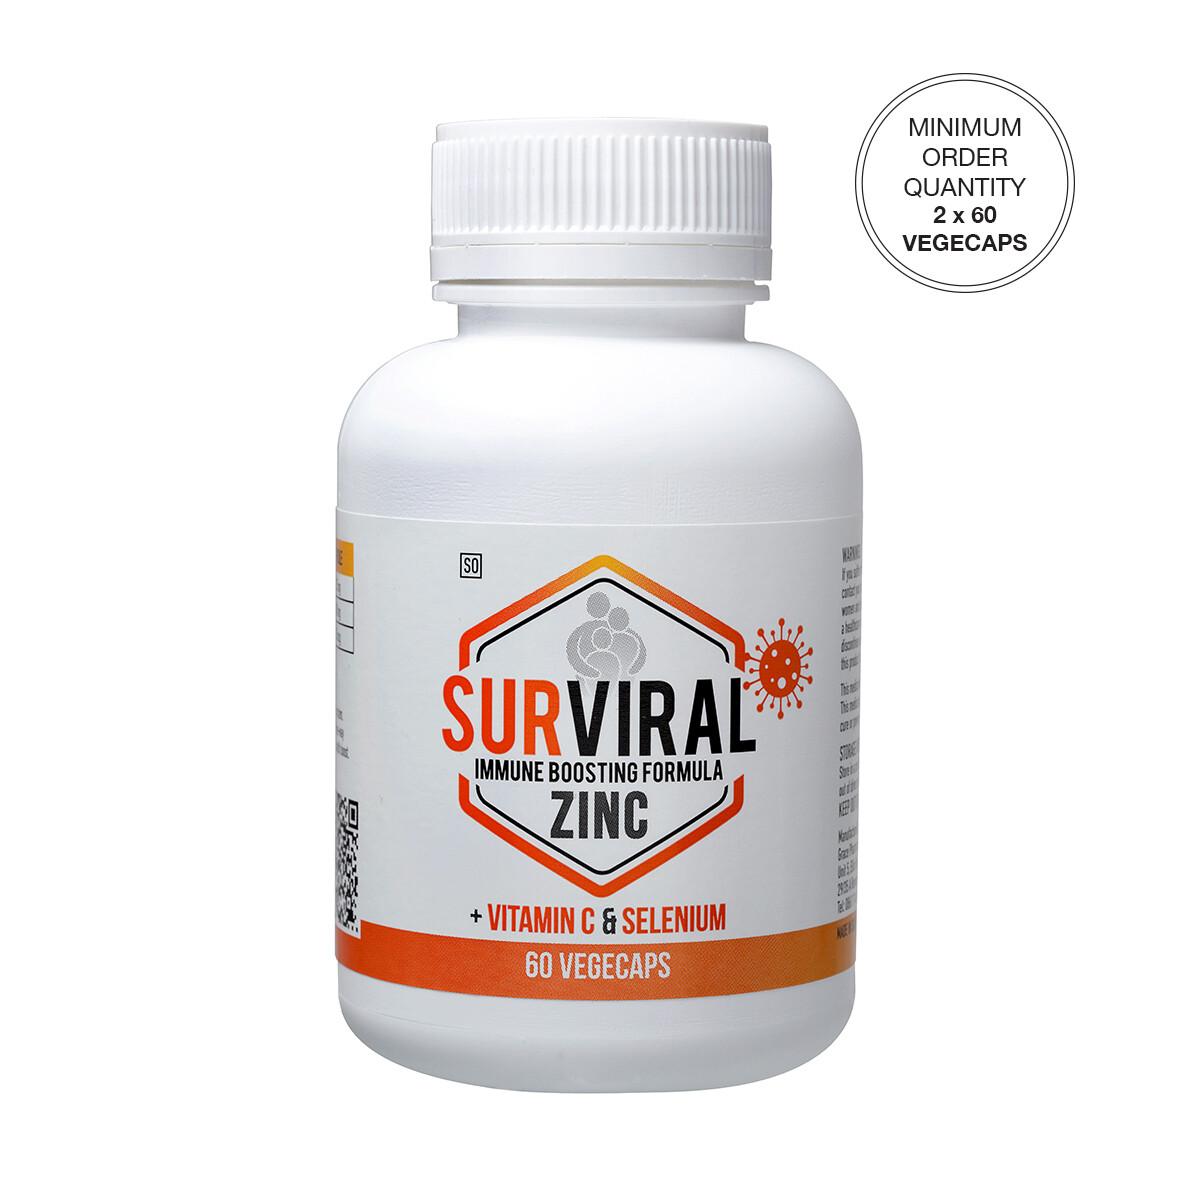 SURVIRAL Zinc + Vitamin C & Selenium Vegecaps [Min. order 2 x 60's]